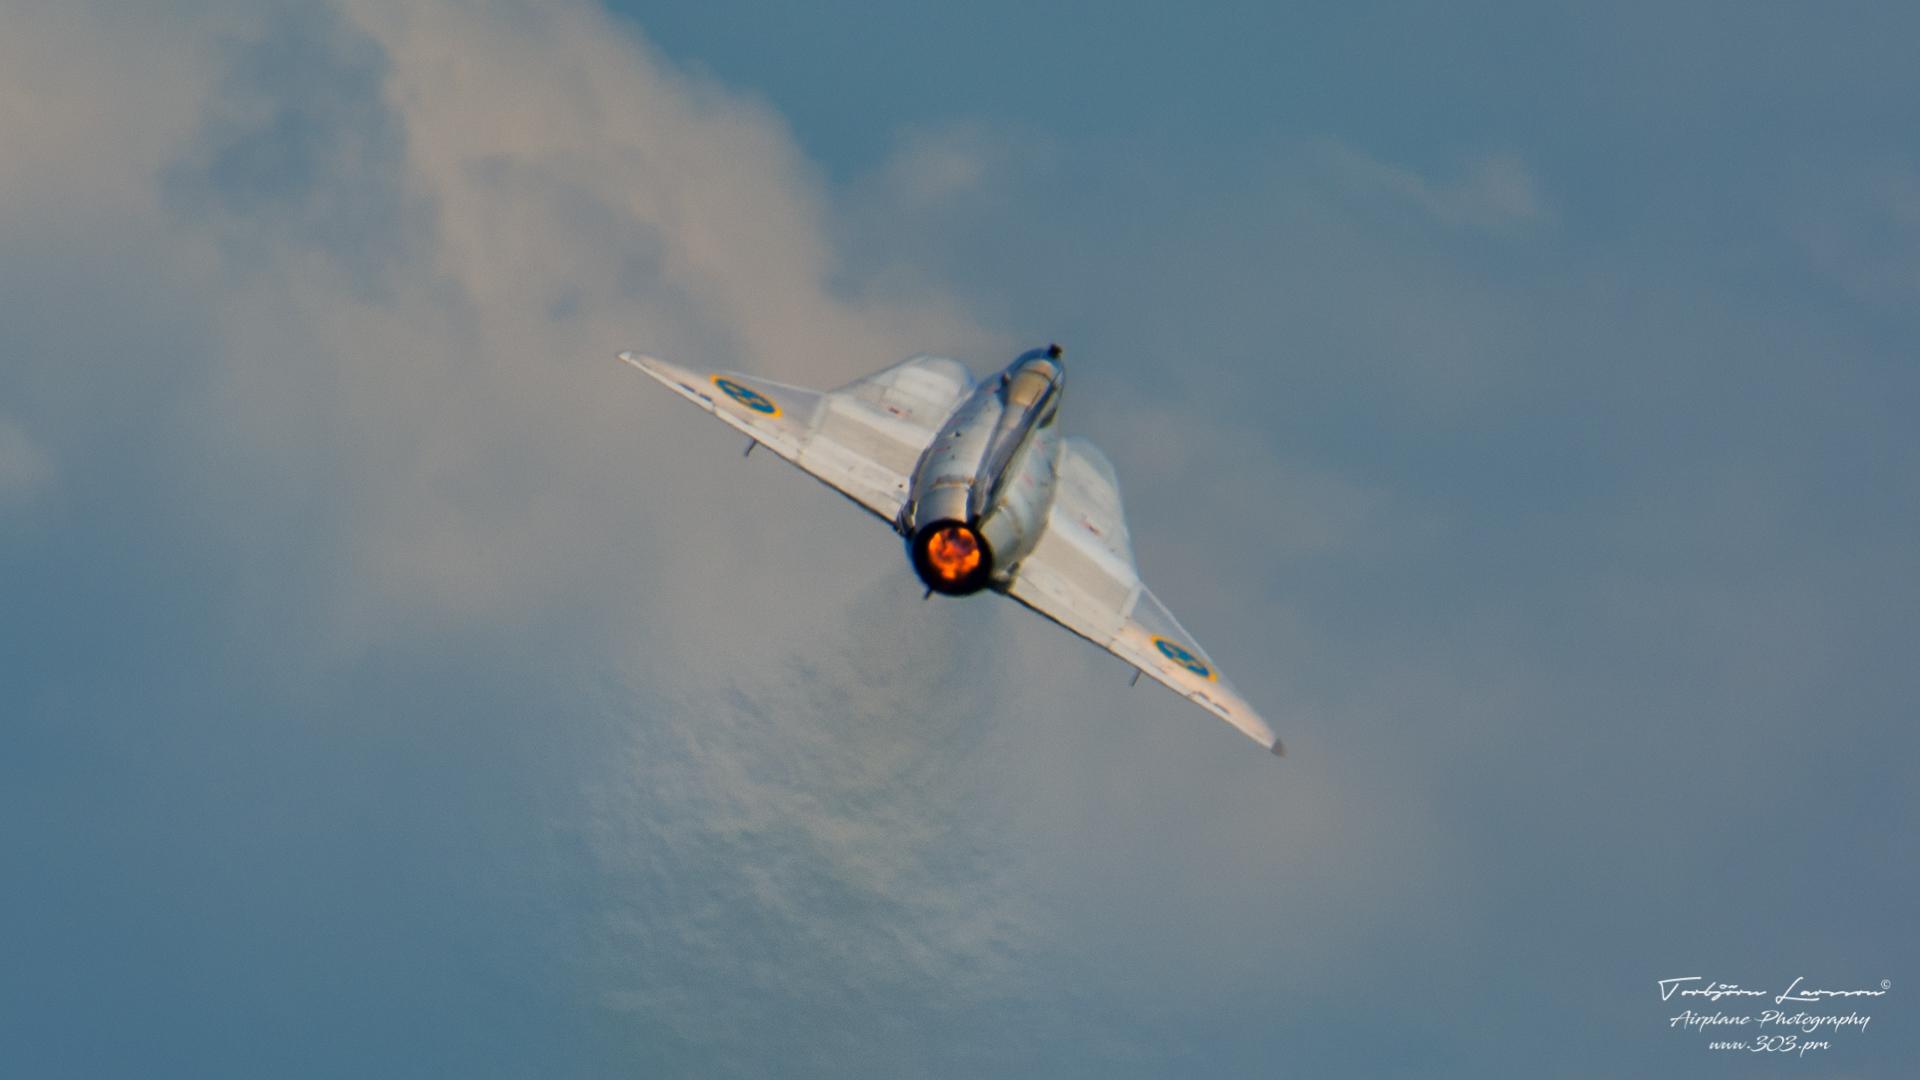 J-35 Draken